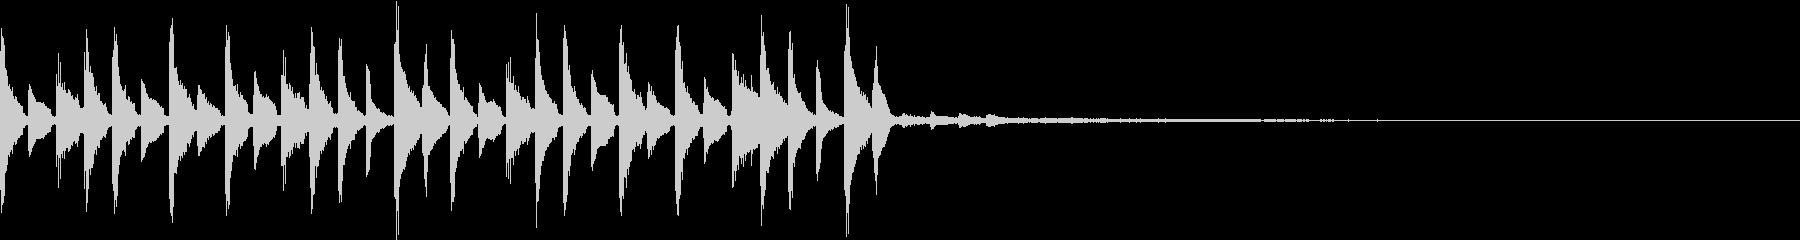 スローなトラップジングル6の未再生の波形